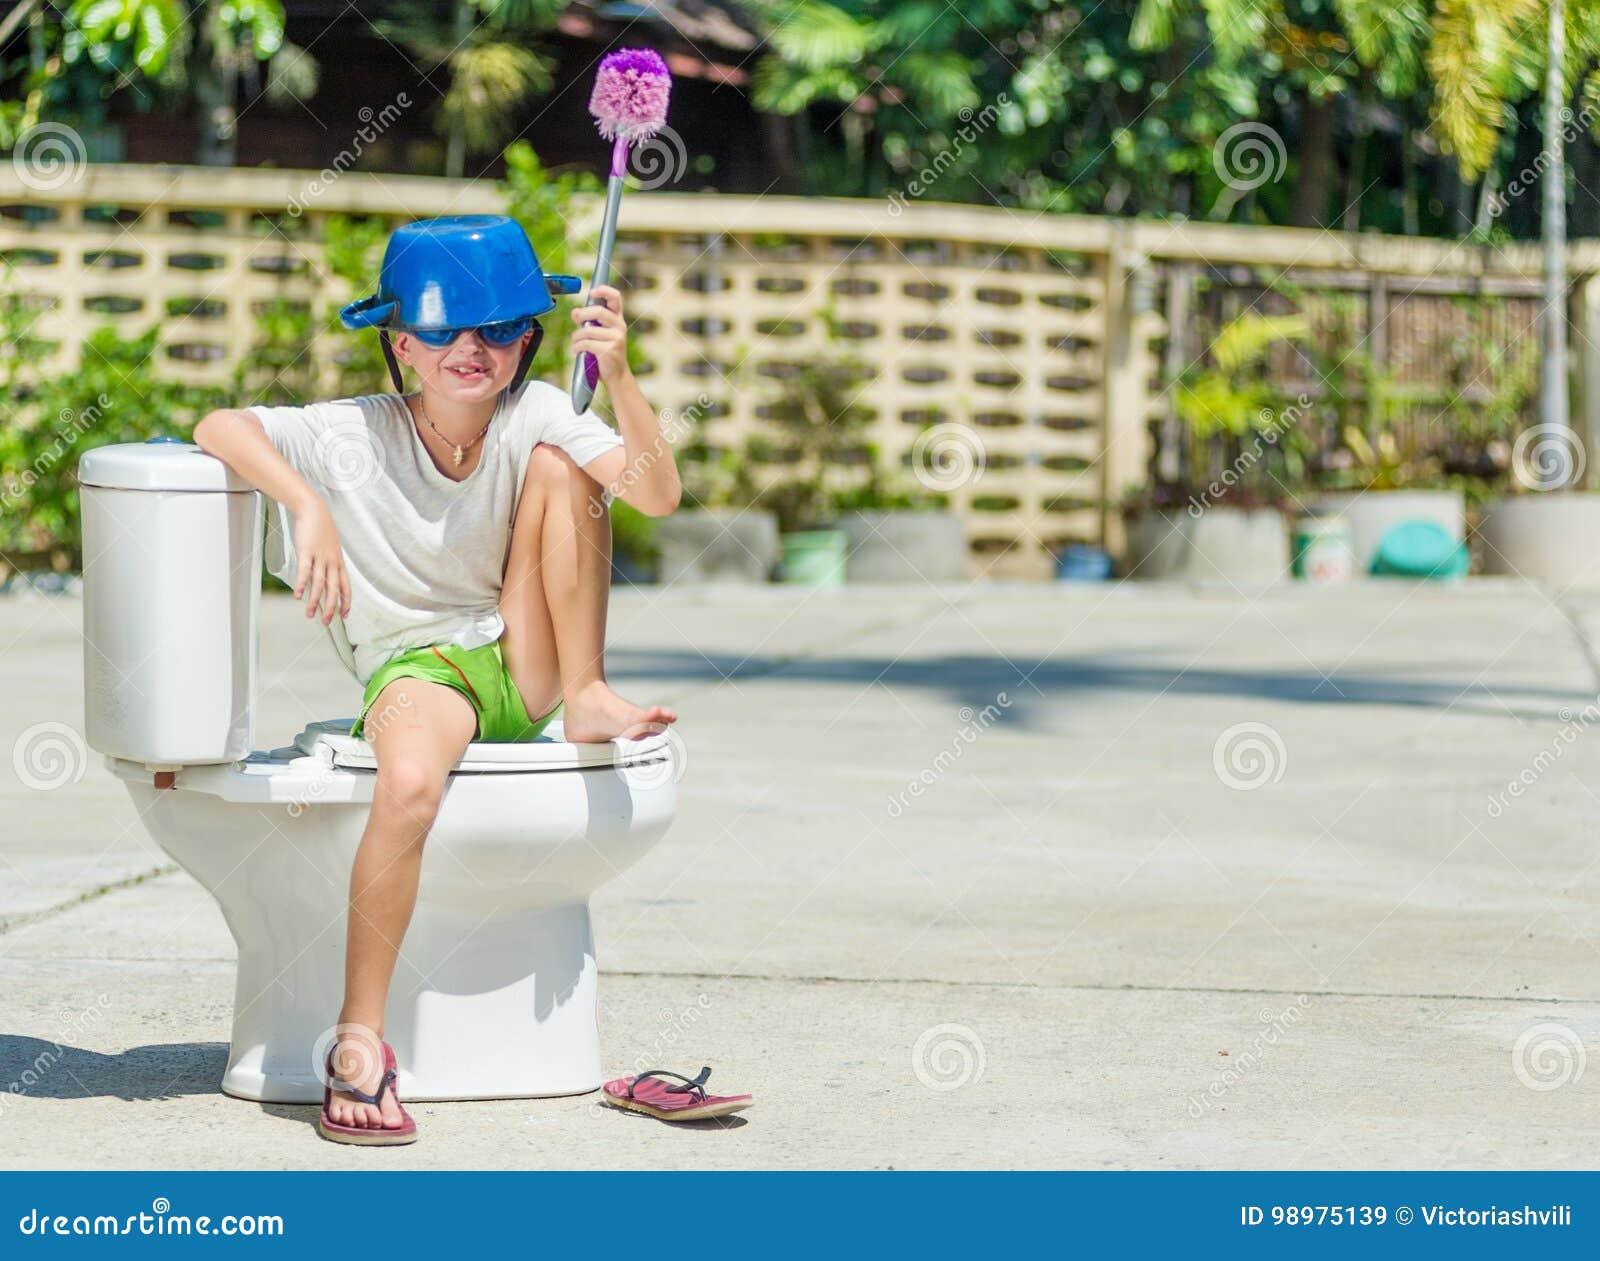 Absurd beeld: leuke jongen die in beschermende brillen op het toilet zitten, dat